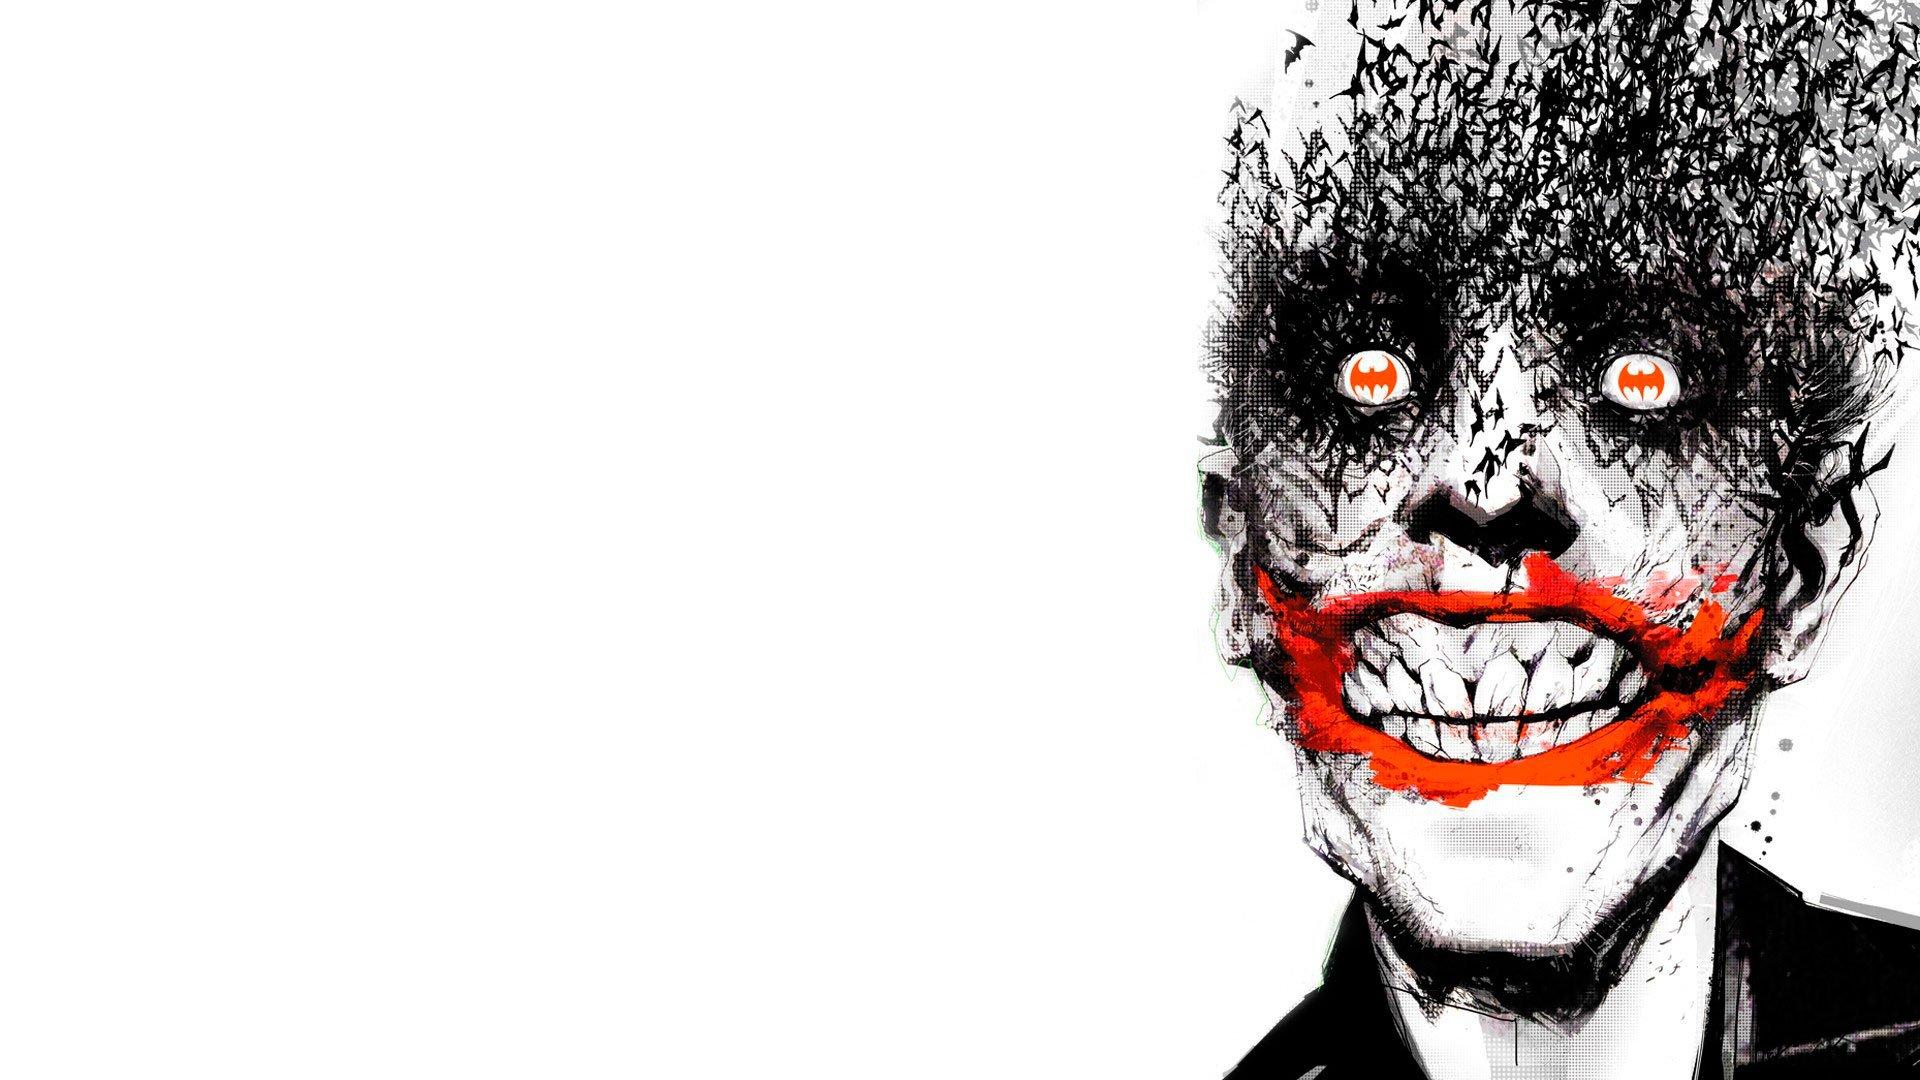 """Это комиксы №3: """"Смерть семьи"""" - и у Бэтмена тоже есть слабости - Изображение 15"""